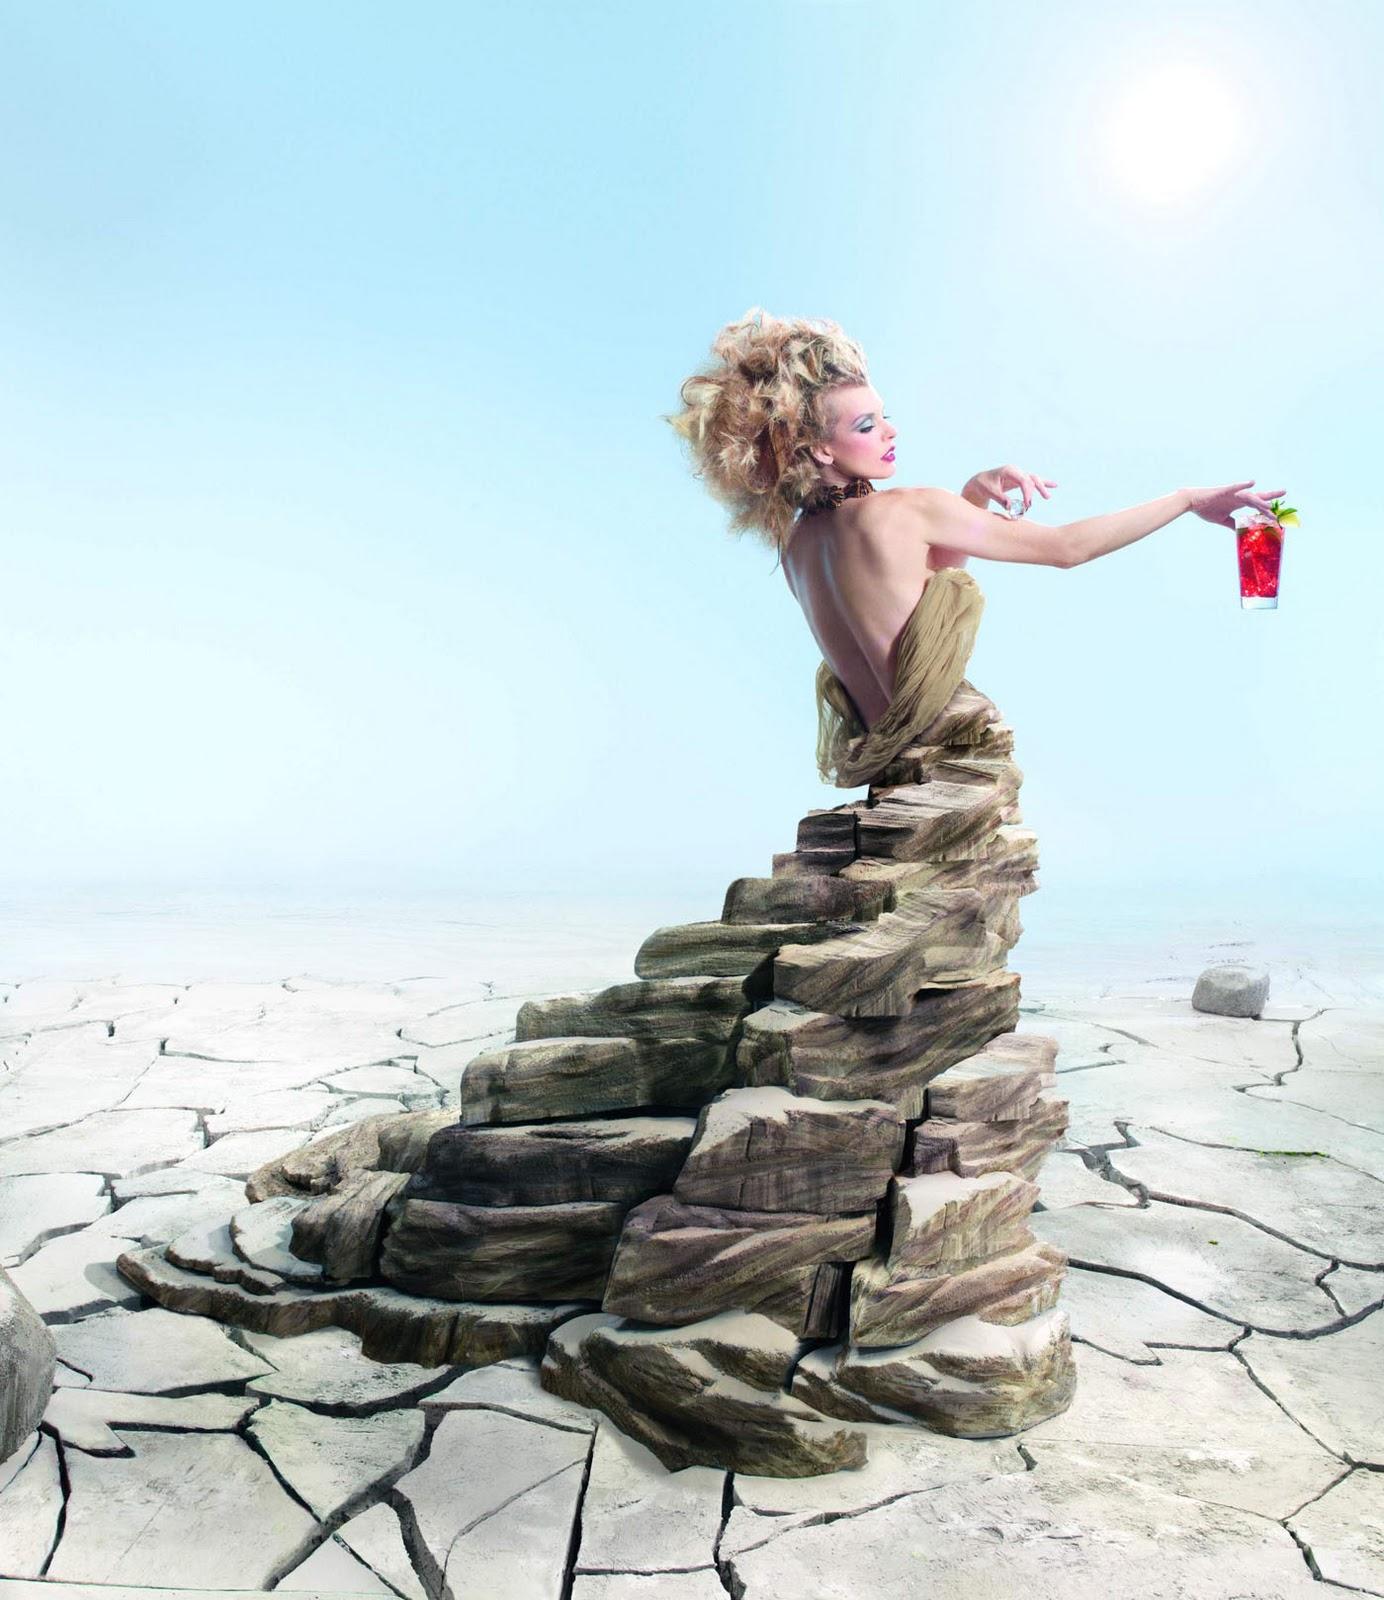 http://4.bp.blogspot.com/-A0_l3ZJmA_I/TtqUHGKrd7I/AAAAAAAABBI/FT9f22jiLOU/s1600/Milla+Jovovich+Campari+Calendar+13.jpg